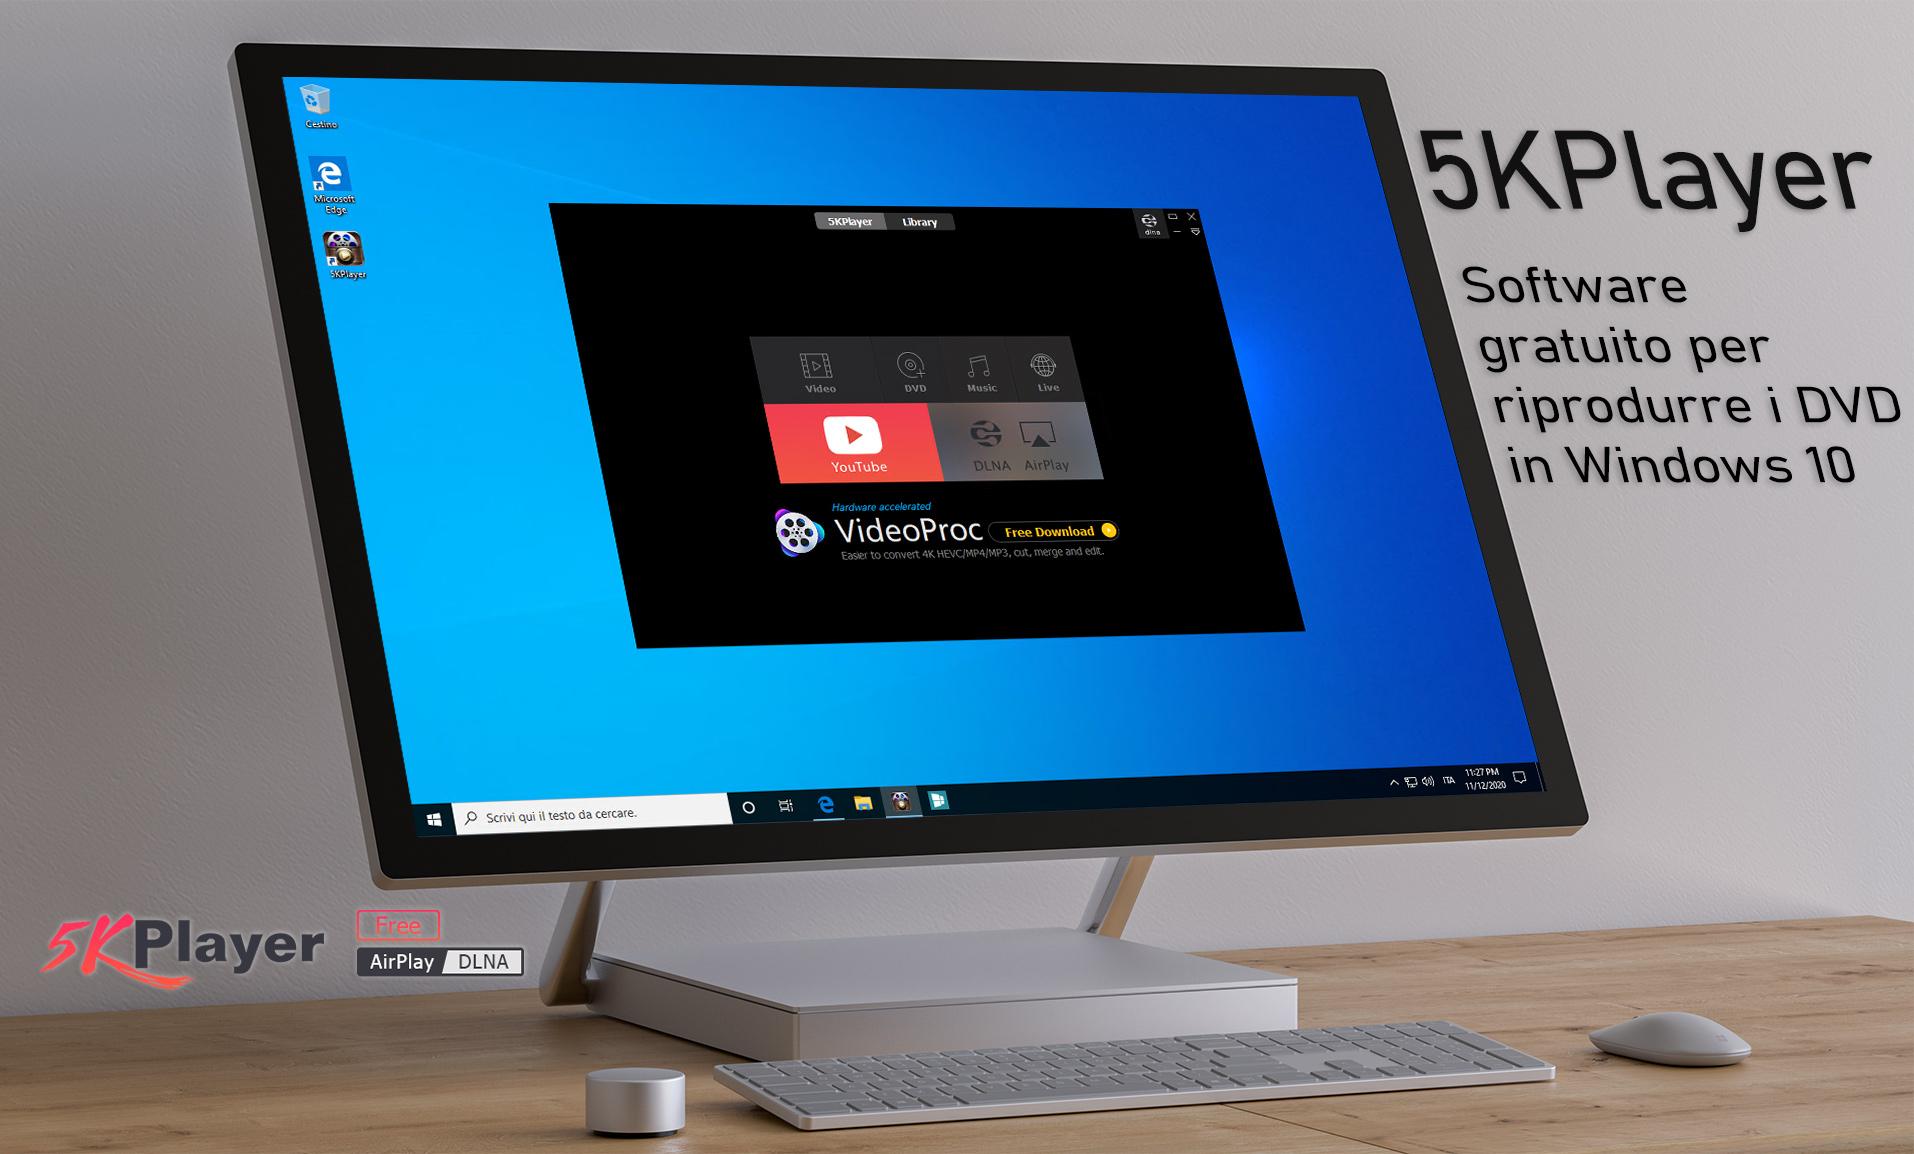 5KPlayer per Windows 10 - Programma gratuito per riprodurre i DVD